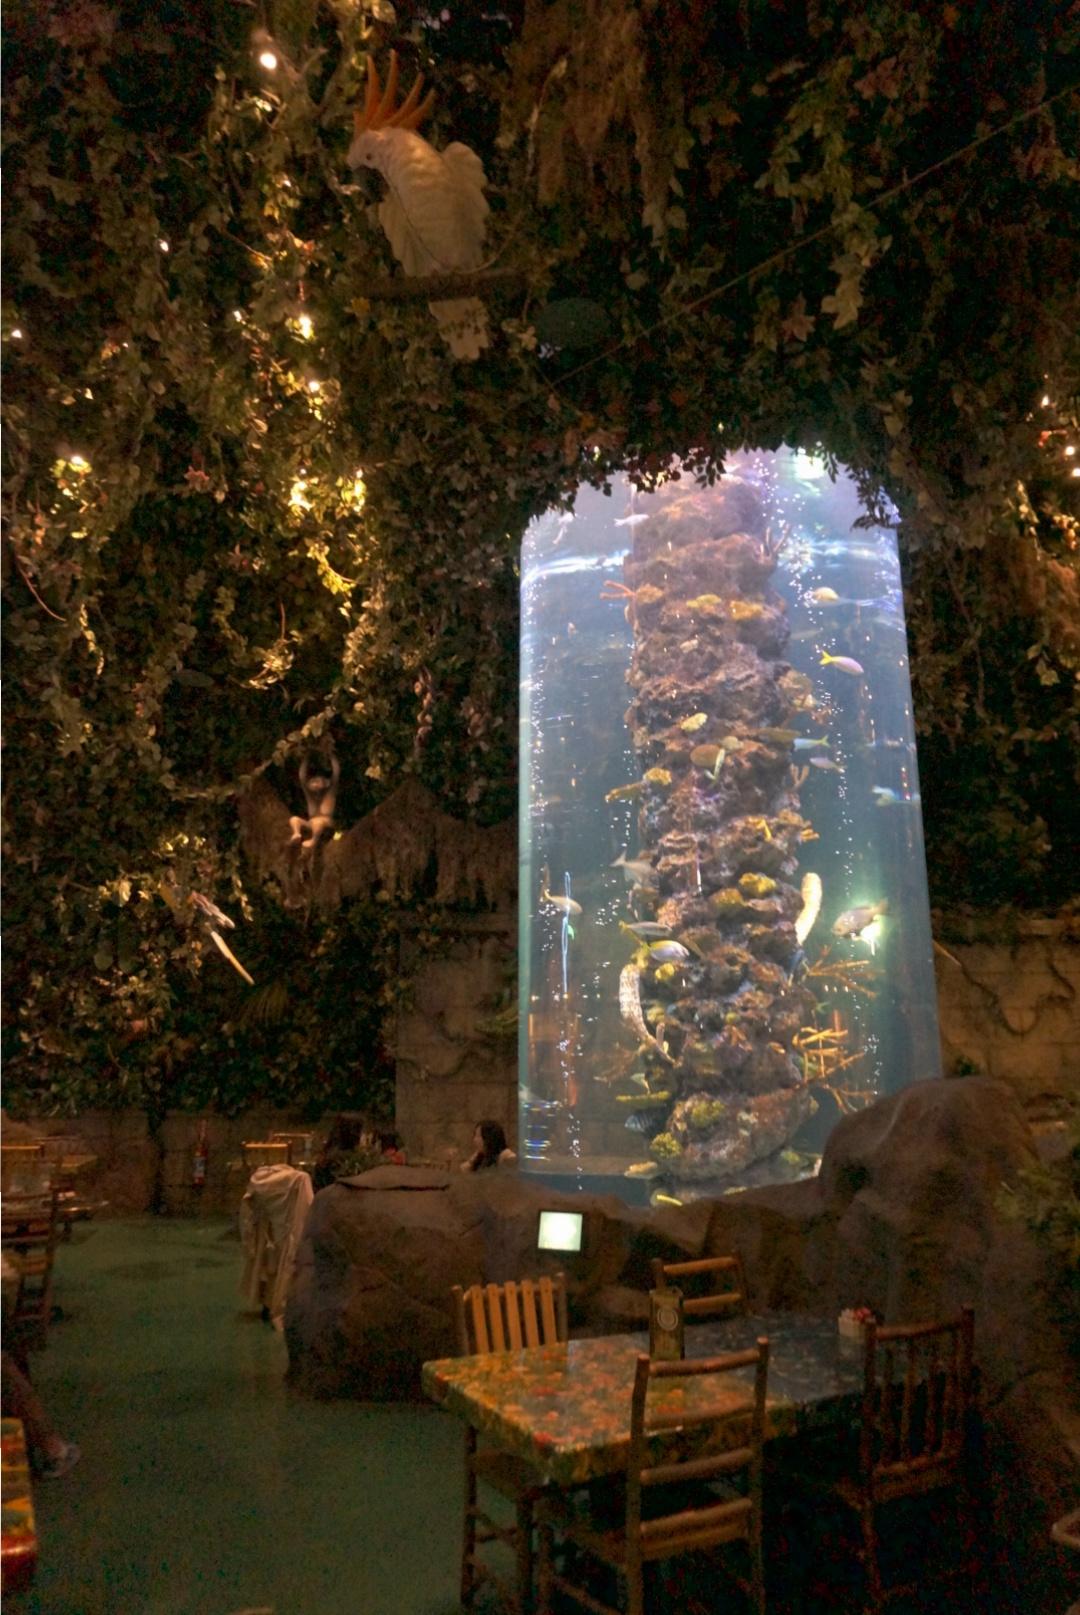 """まるで """" ジャングル """" みたい‼︎熱帯雨林と野生動物の保護をテーマにしたレストランが凄い✨ここでサプライズバースデーはいかが(*´∀`*)?_5"""